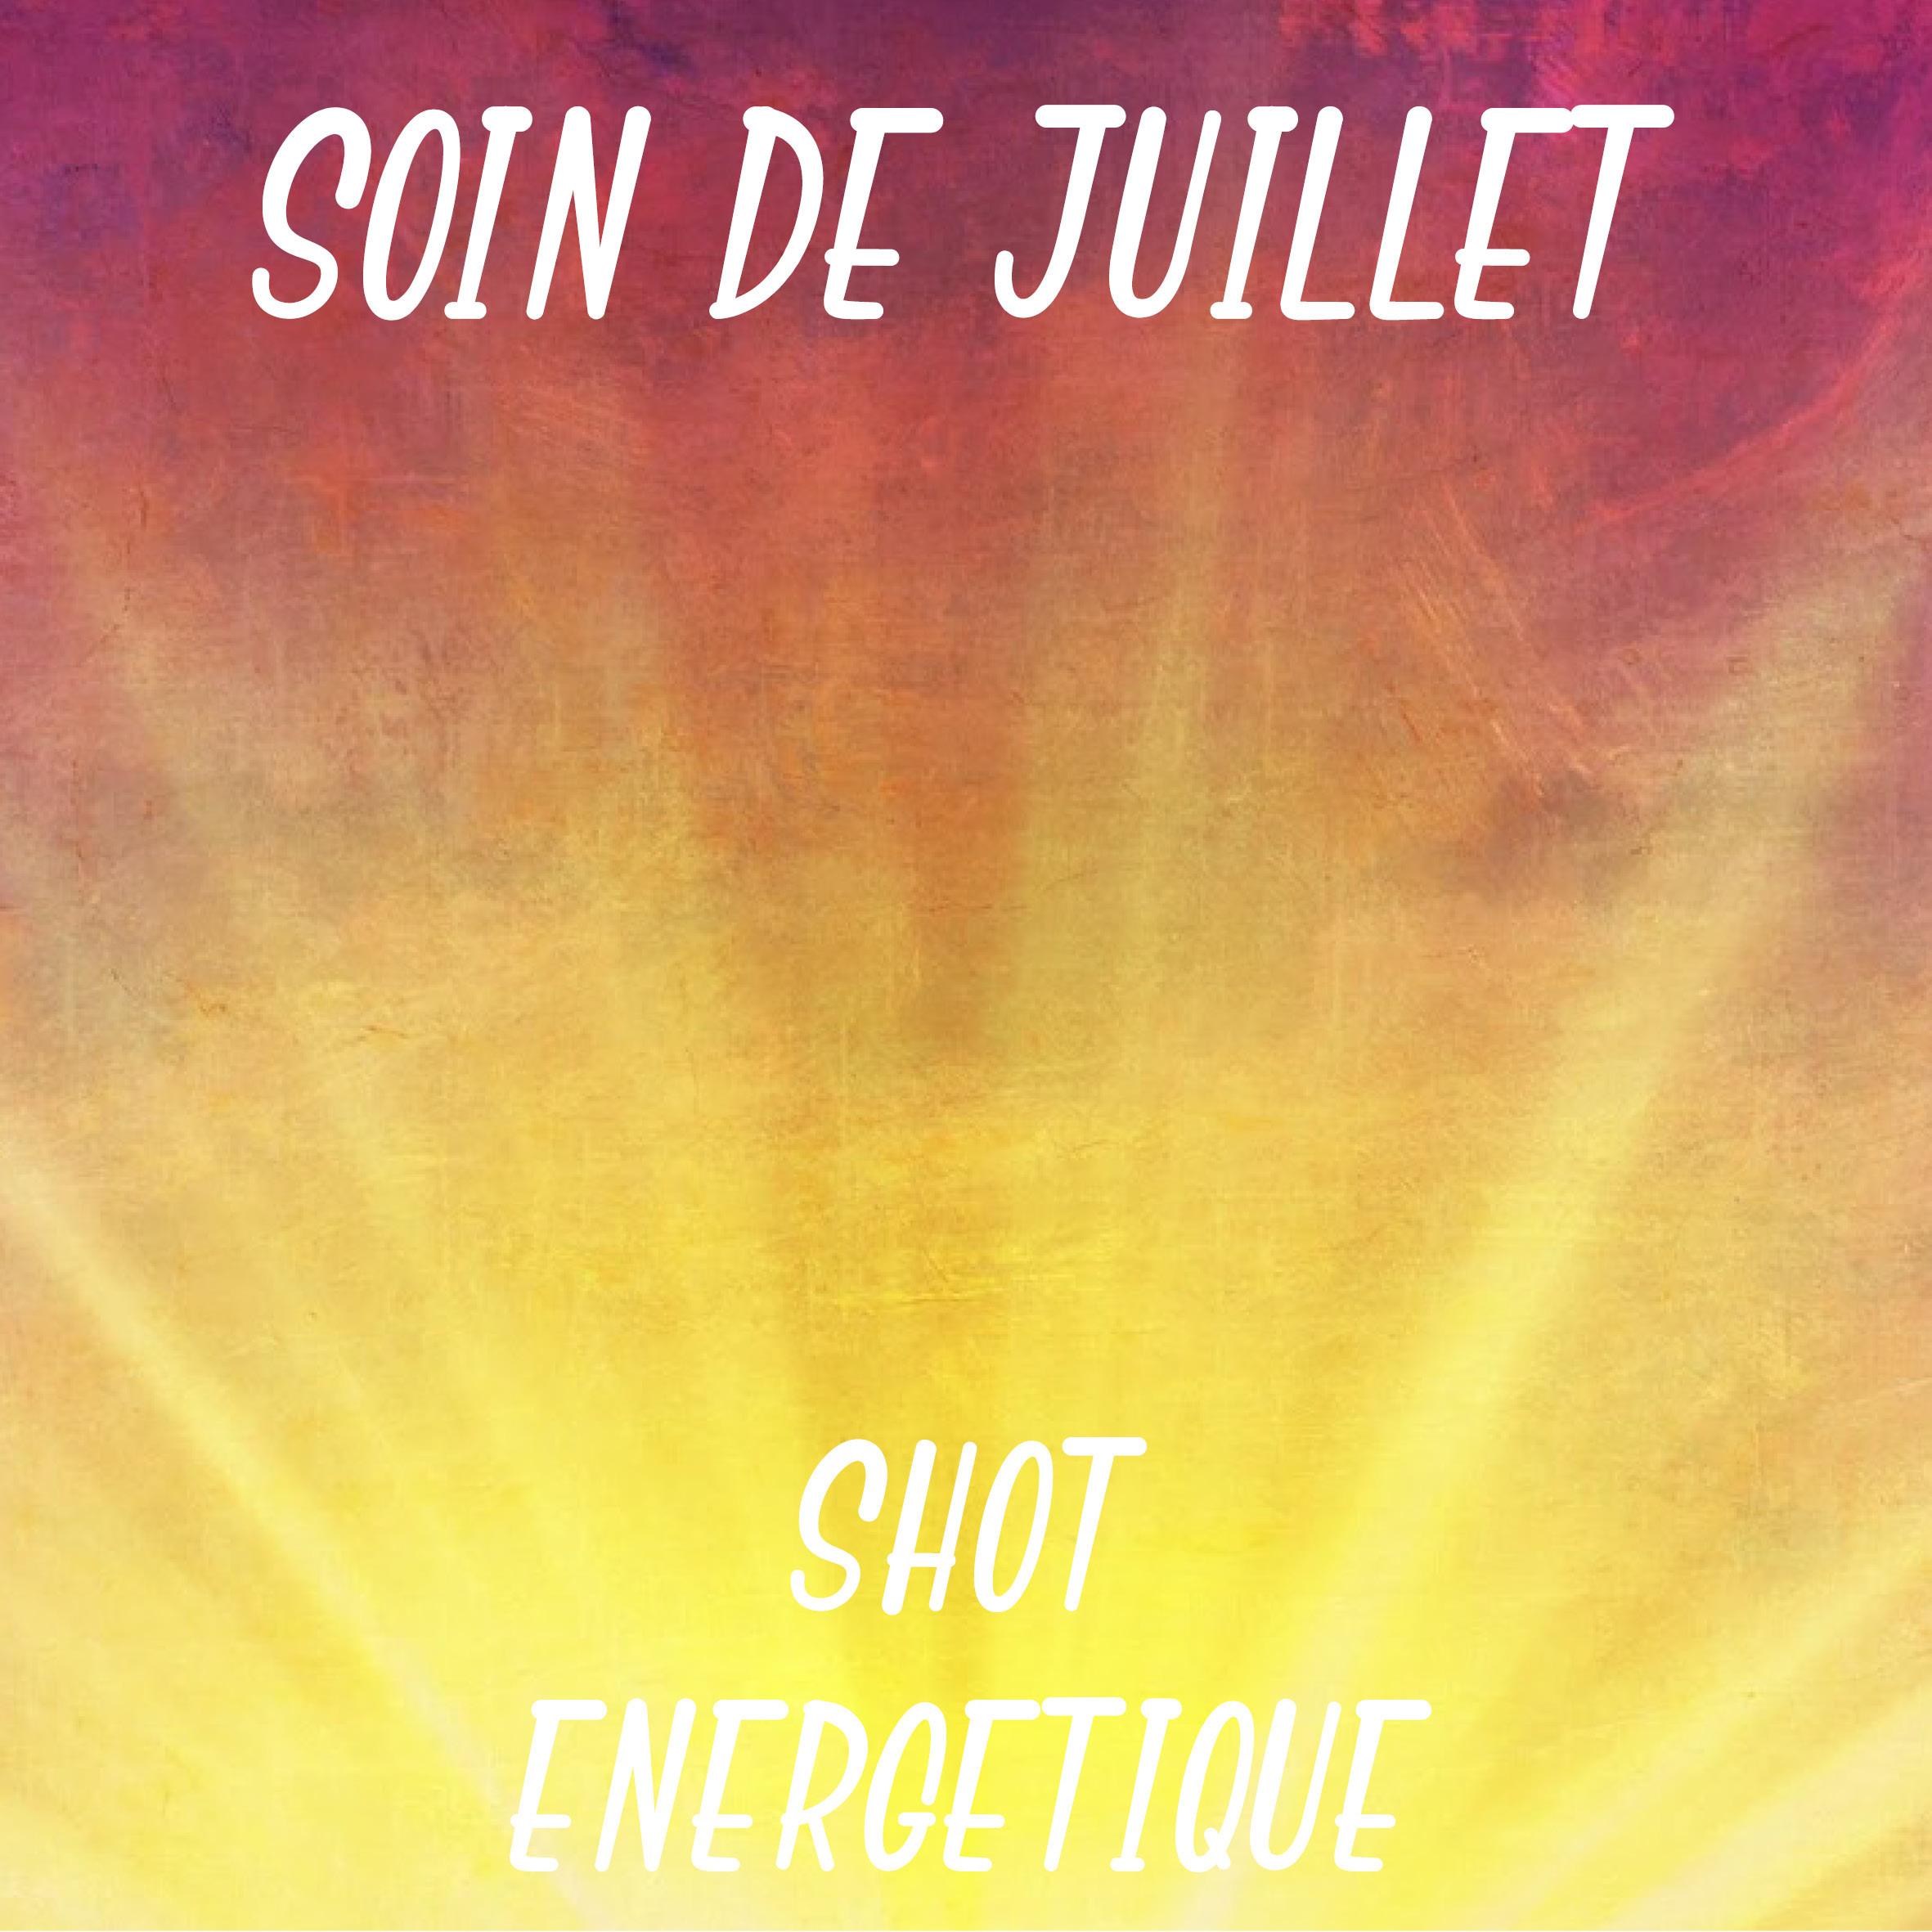 Shot énergétique